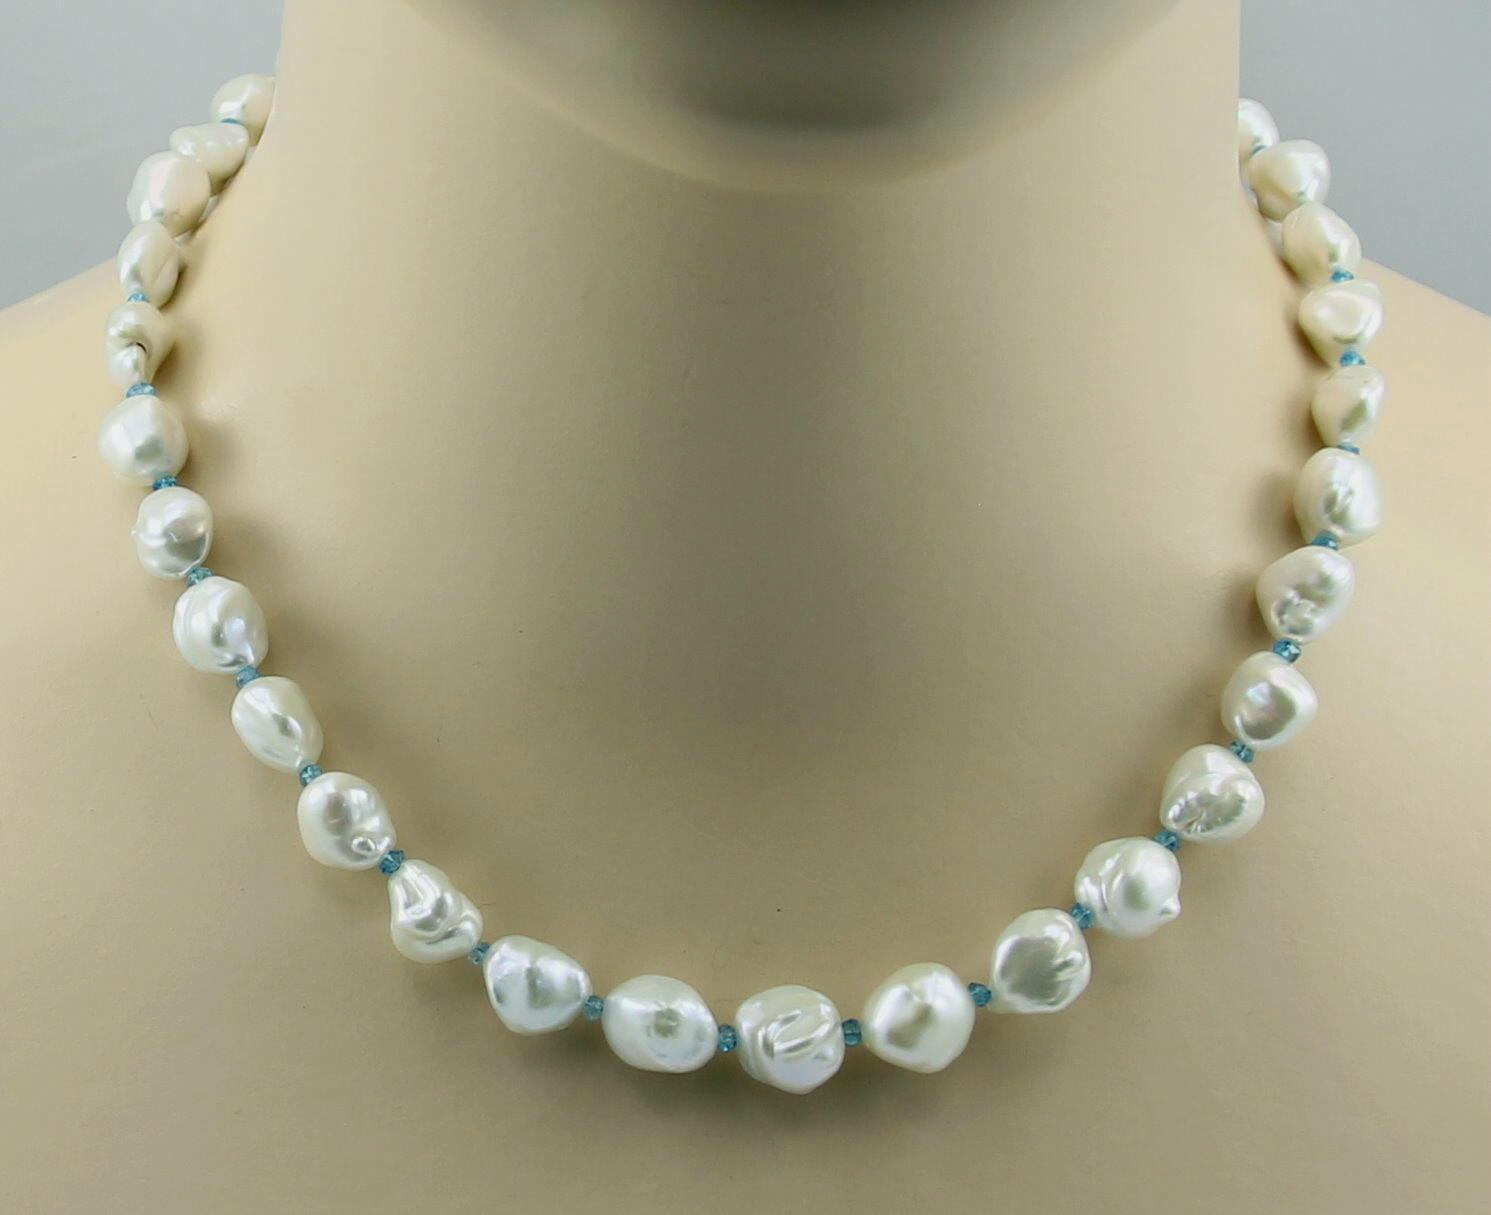 Perlenkette - whitee Keshi Zuchtperlen mit Apatit Halskette - 46 cm lang